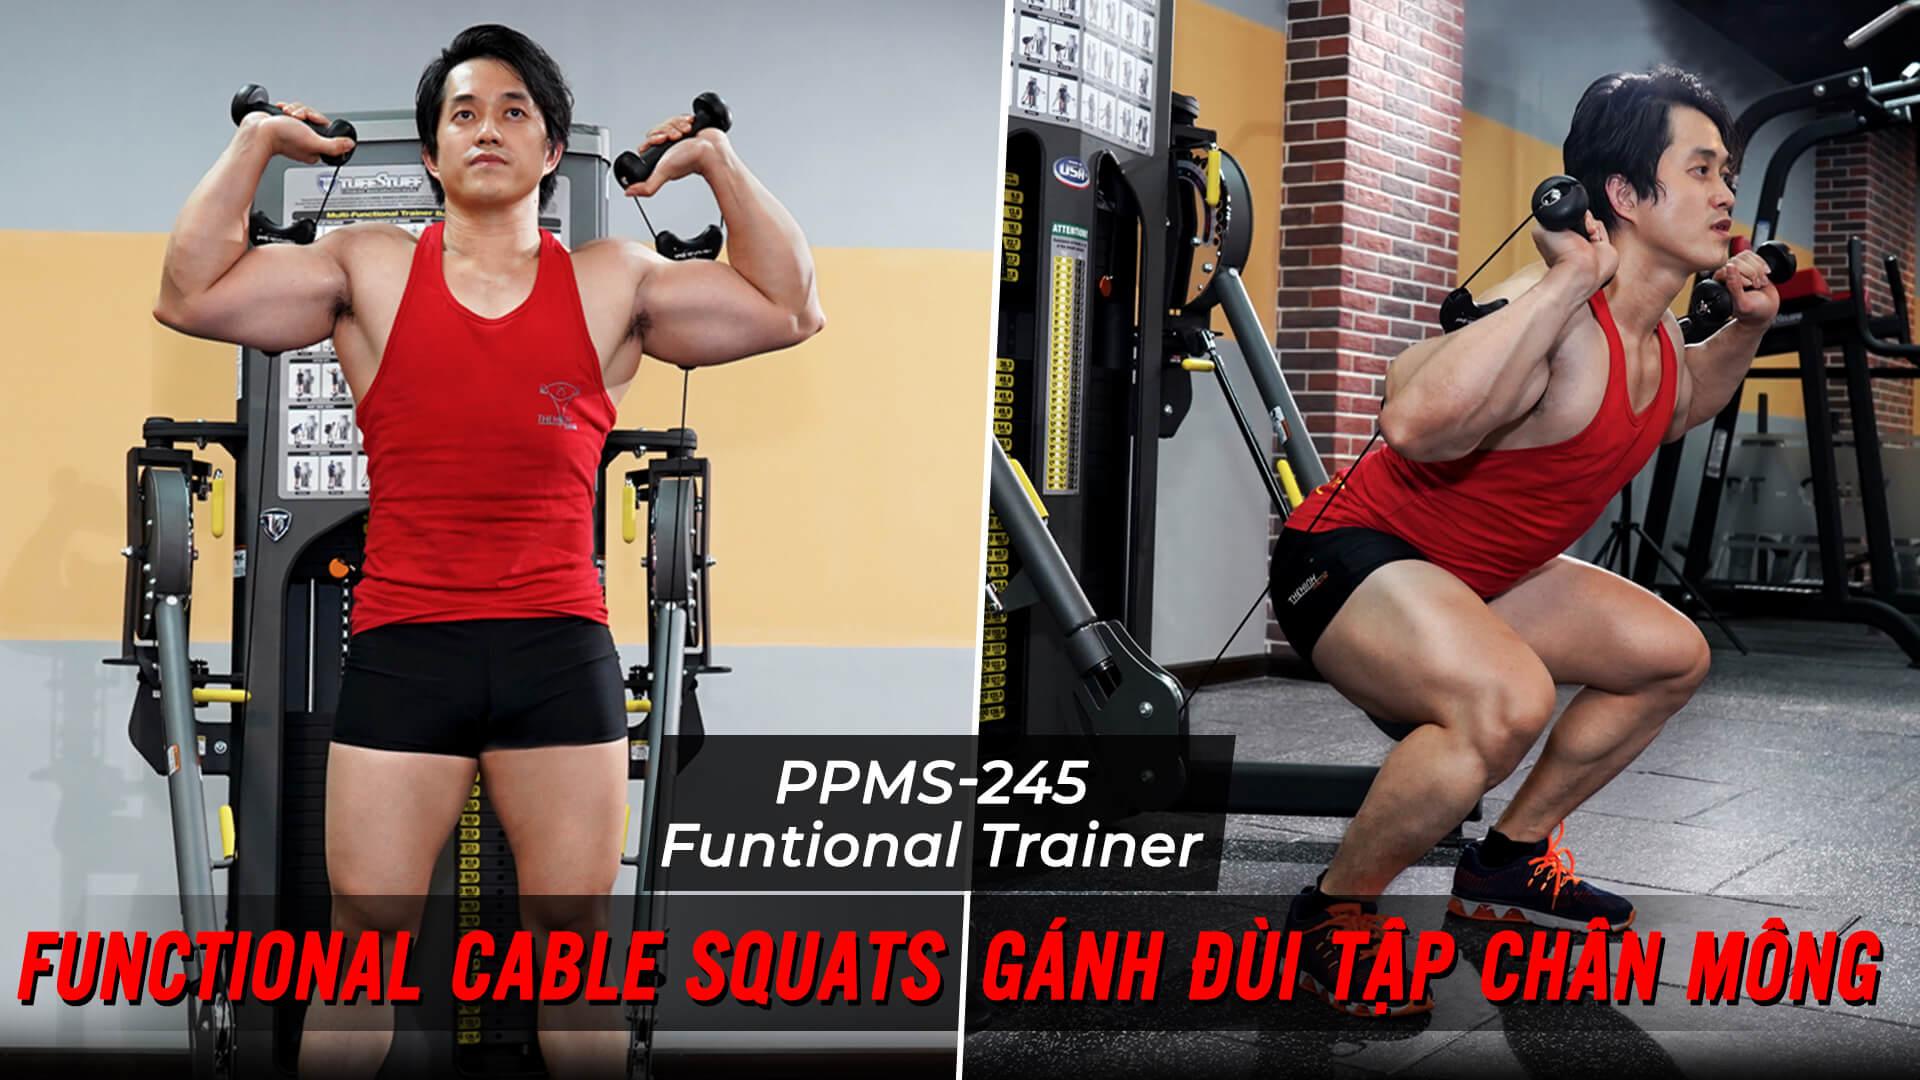 Cable Squats - Tập gánh đùi với cáp trên máy Functional Trainer (PPMS-245)